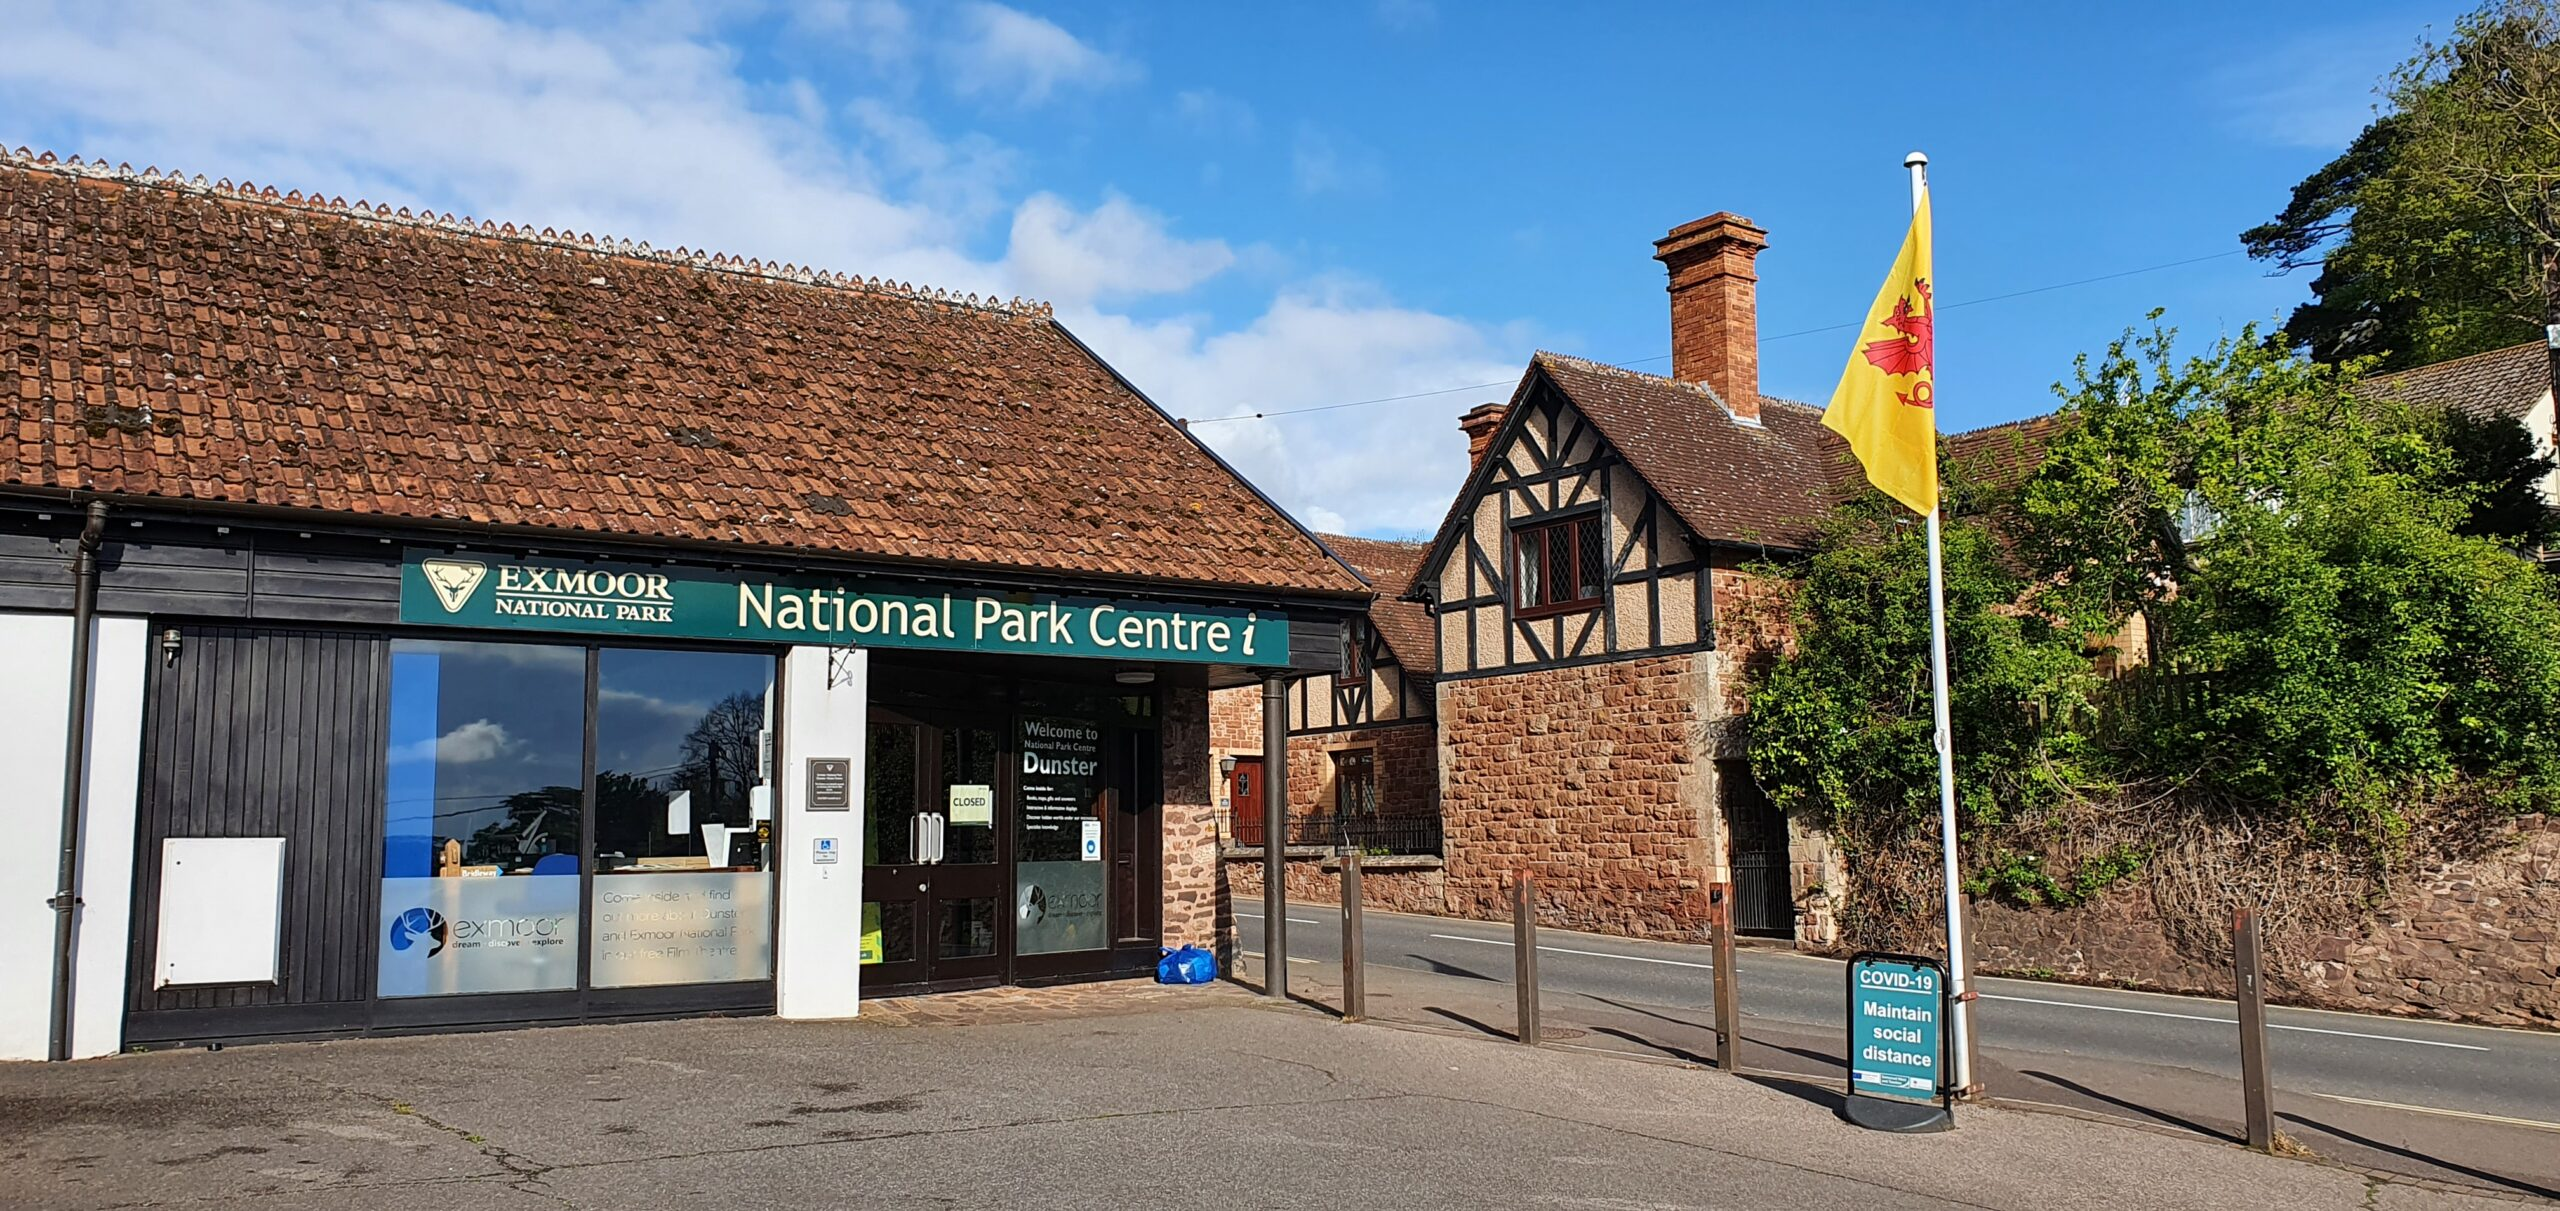 Dunster National Park Centre